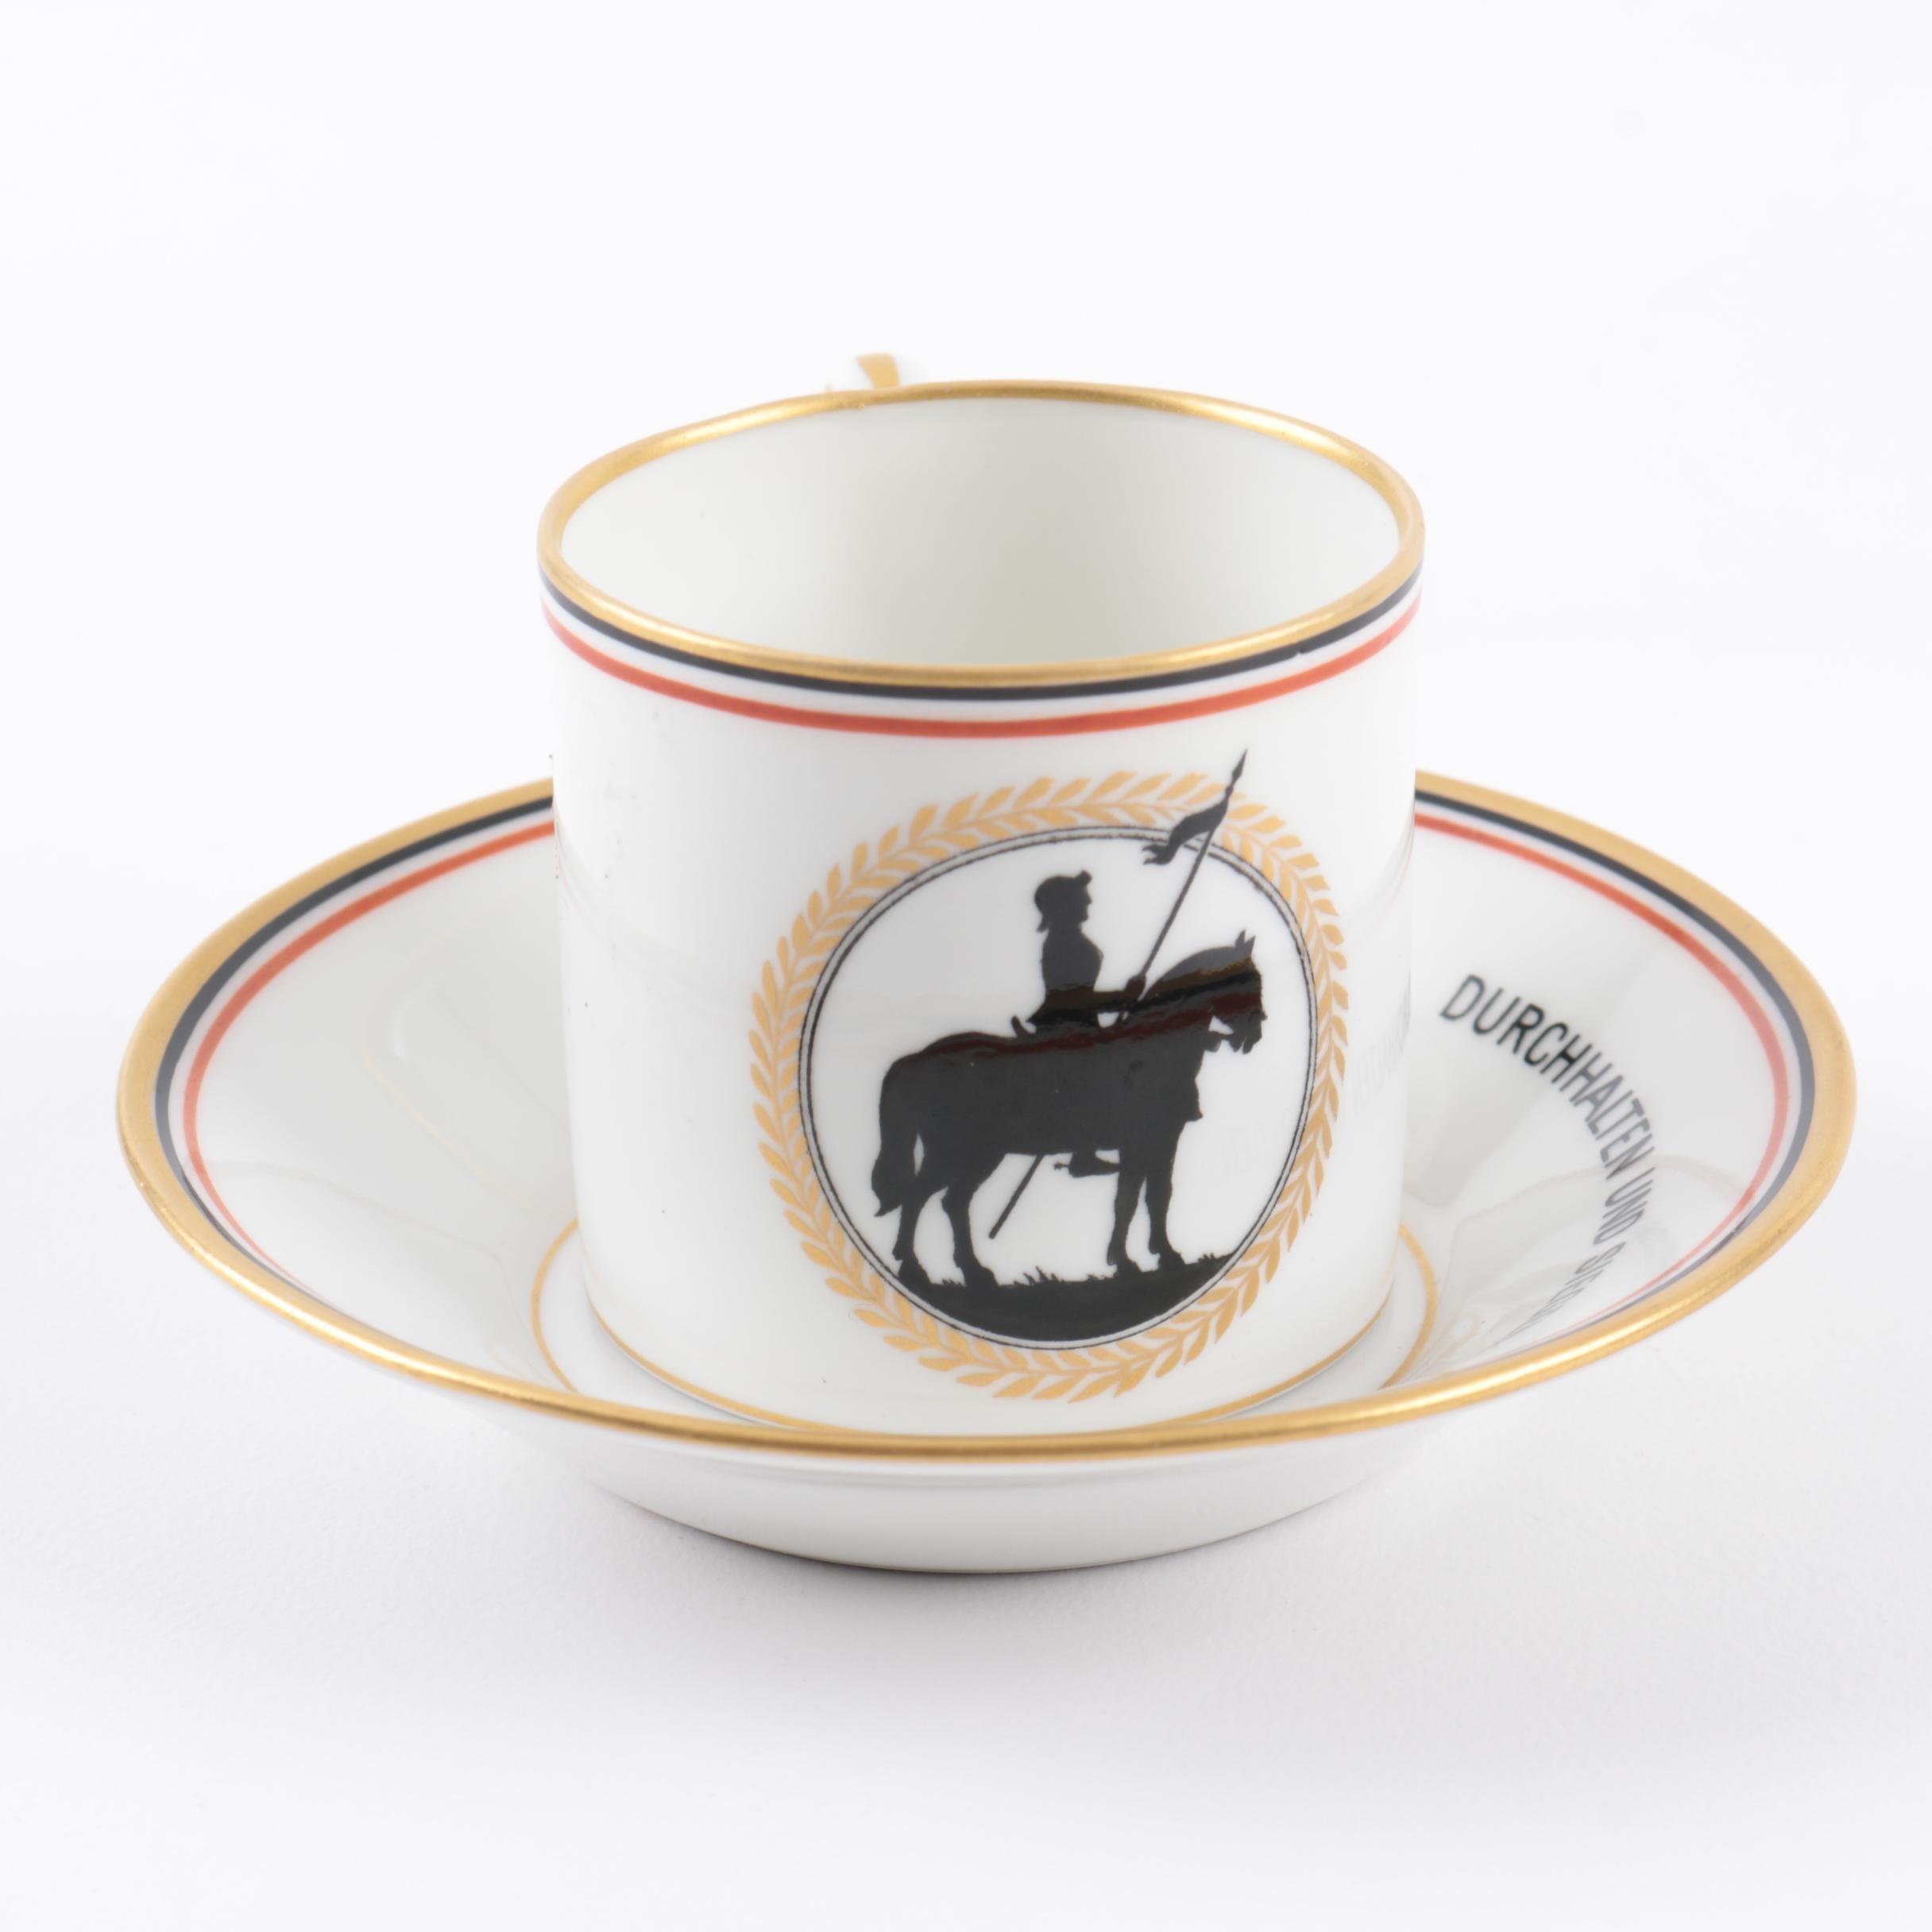 KPM Porcelain Cup and Saucer